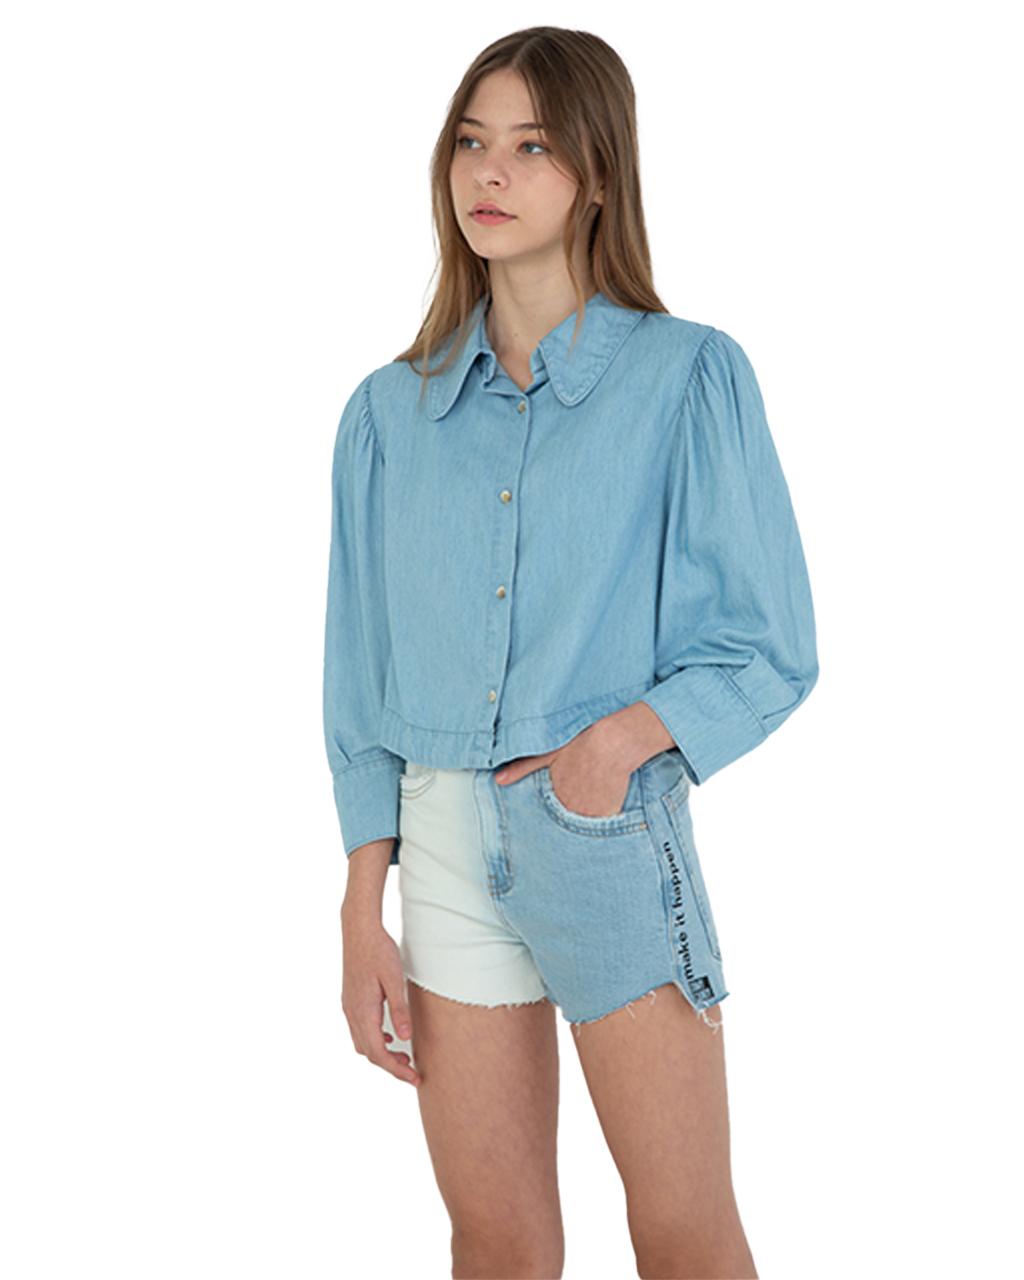 Shorts Jeans Feminino Teen Dimy Candy